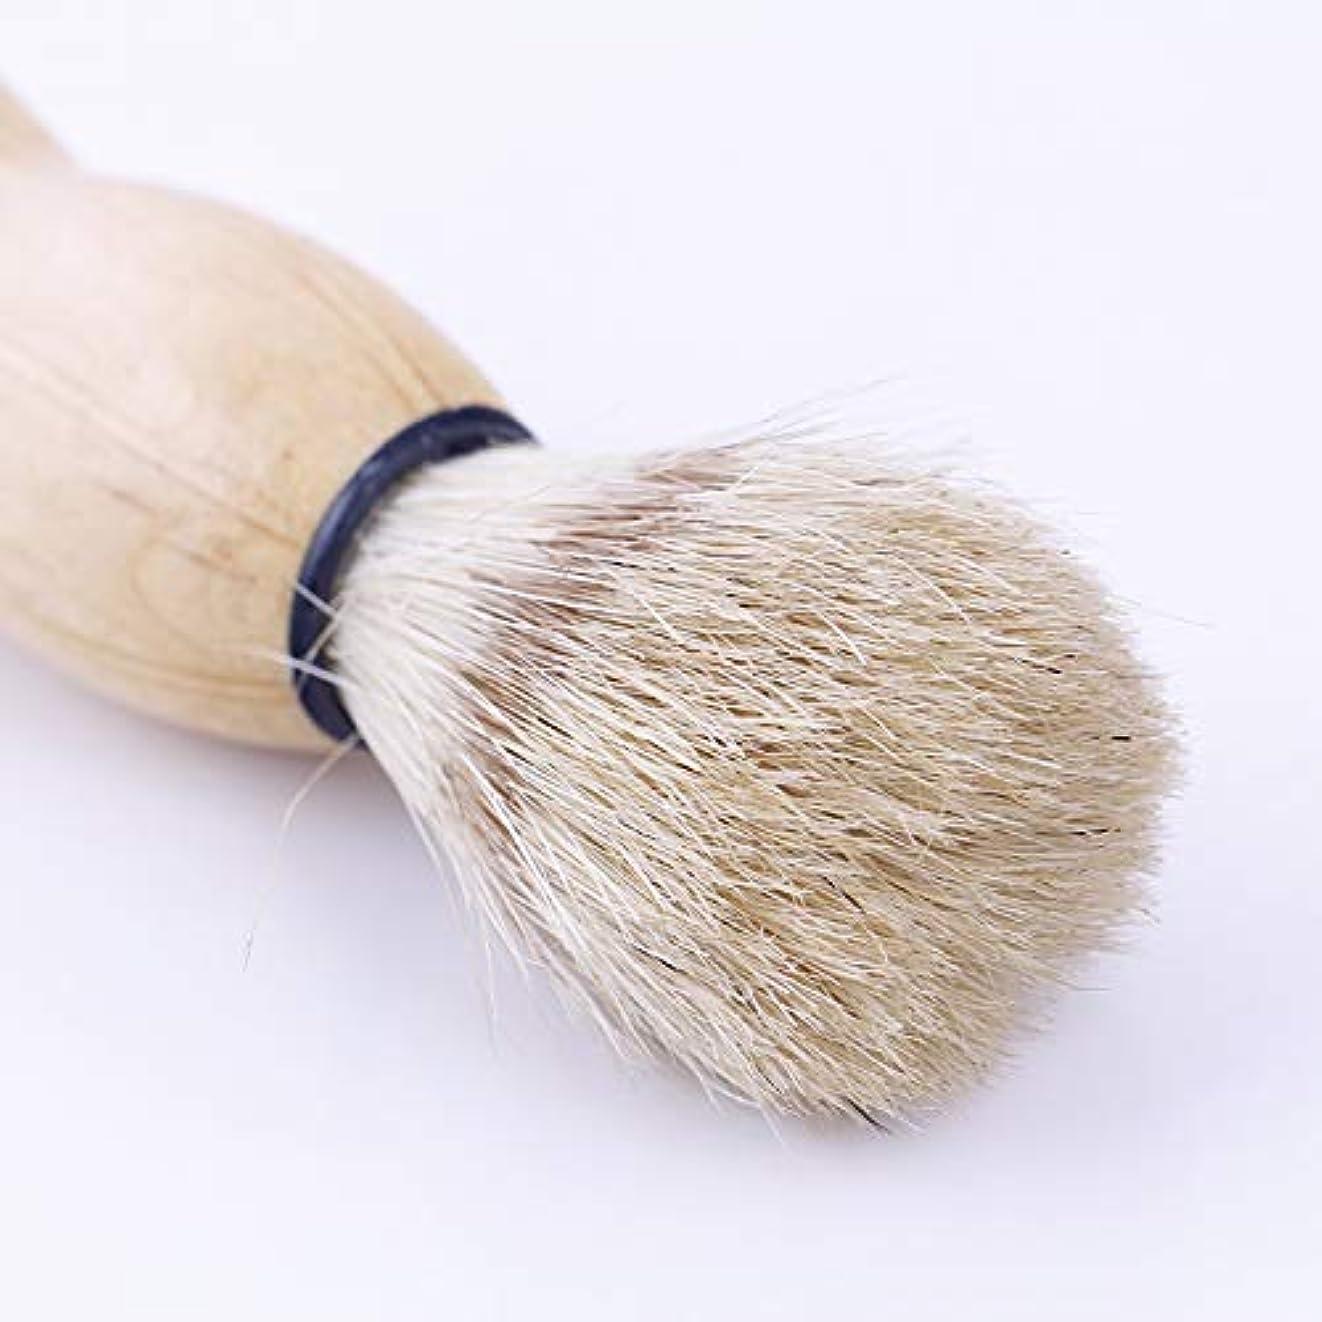 マルクス主義周波数レベルSMTHOME シェービング用ブラシ メンズ 100% ウール毛 理容 洗顔 髭剃り 泡立ち